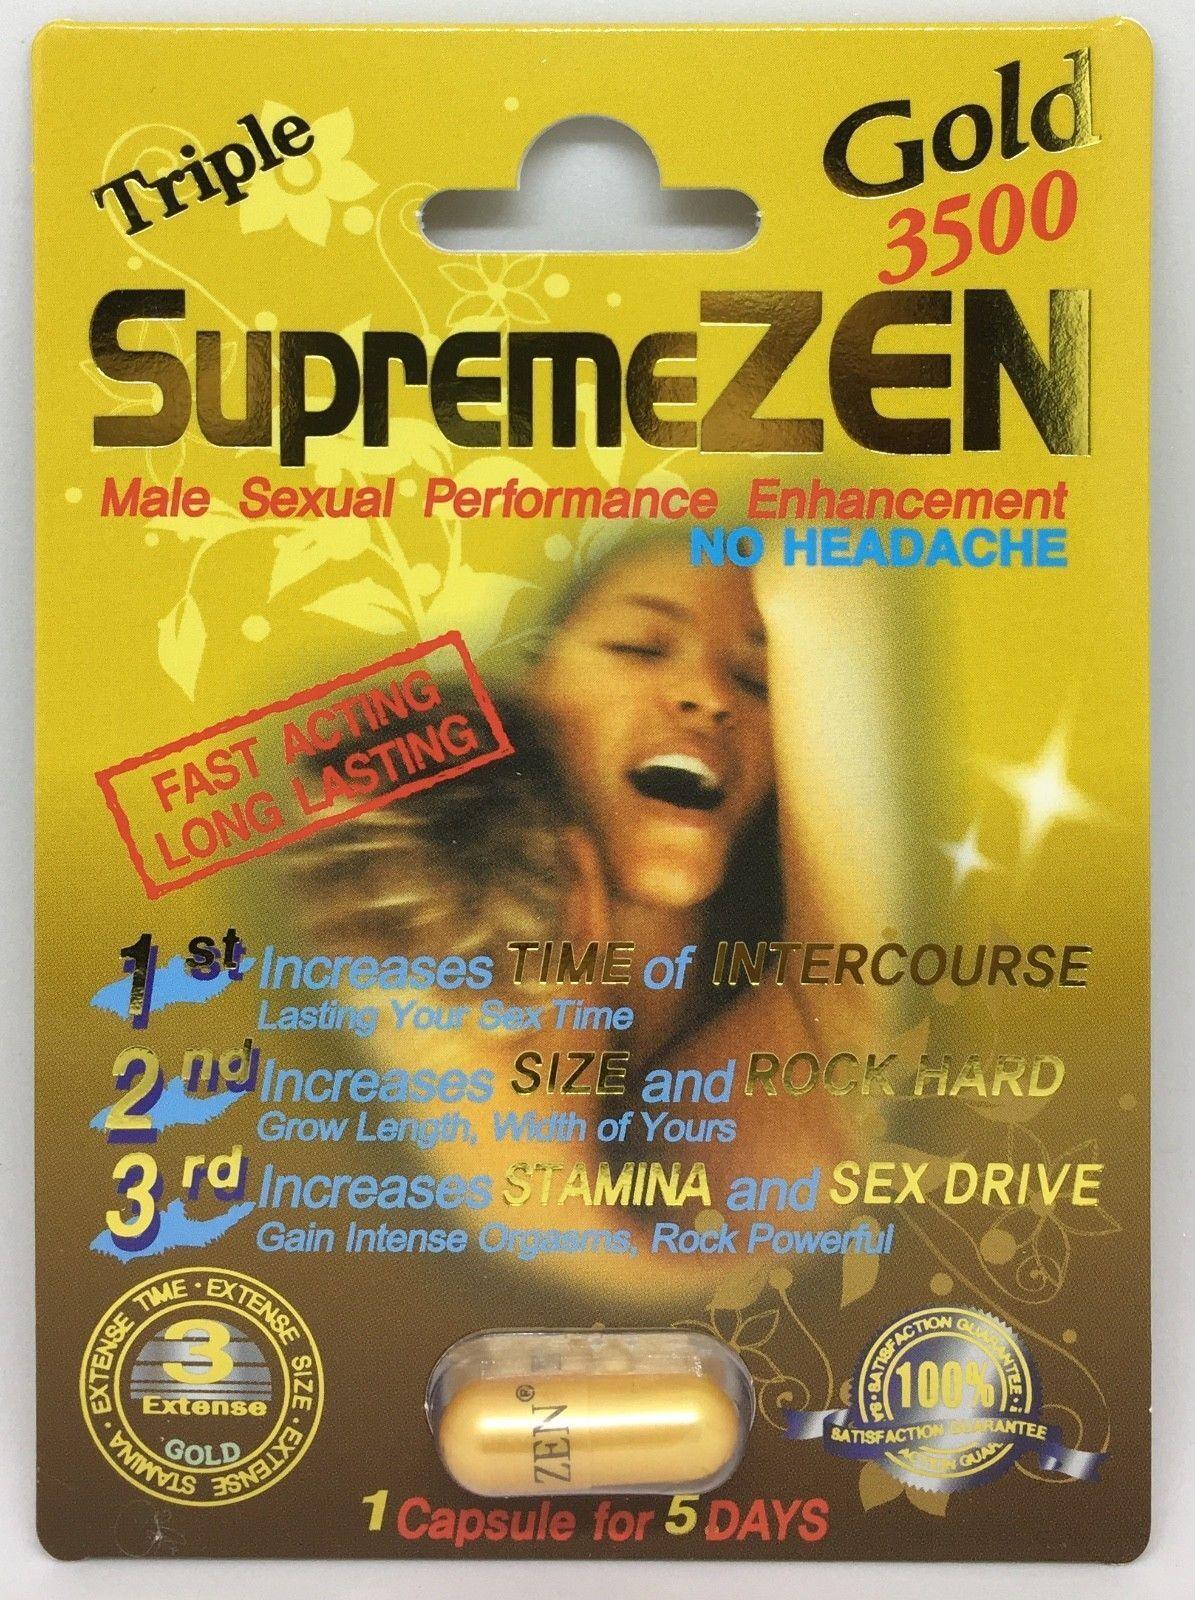 Triple Supremezen 3500 - Just Me And Supreme